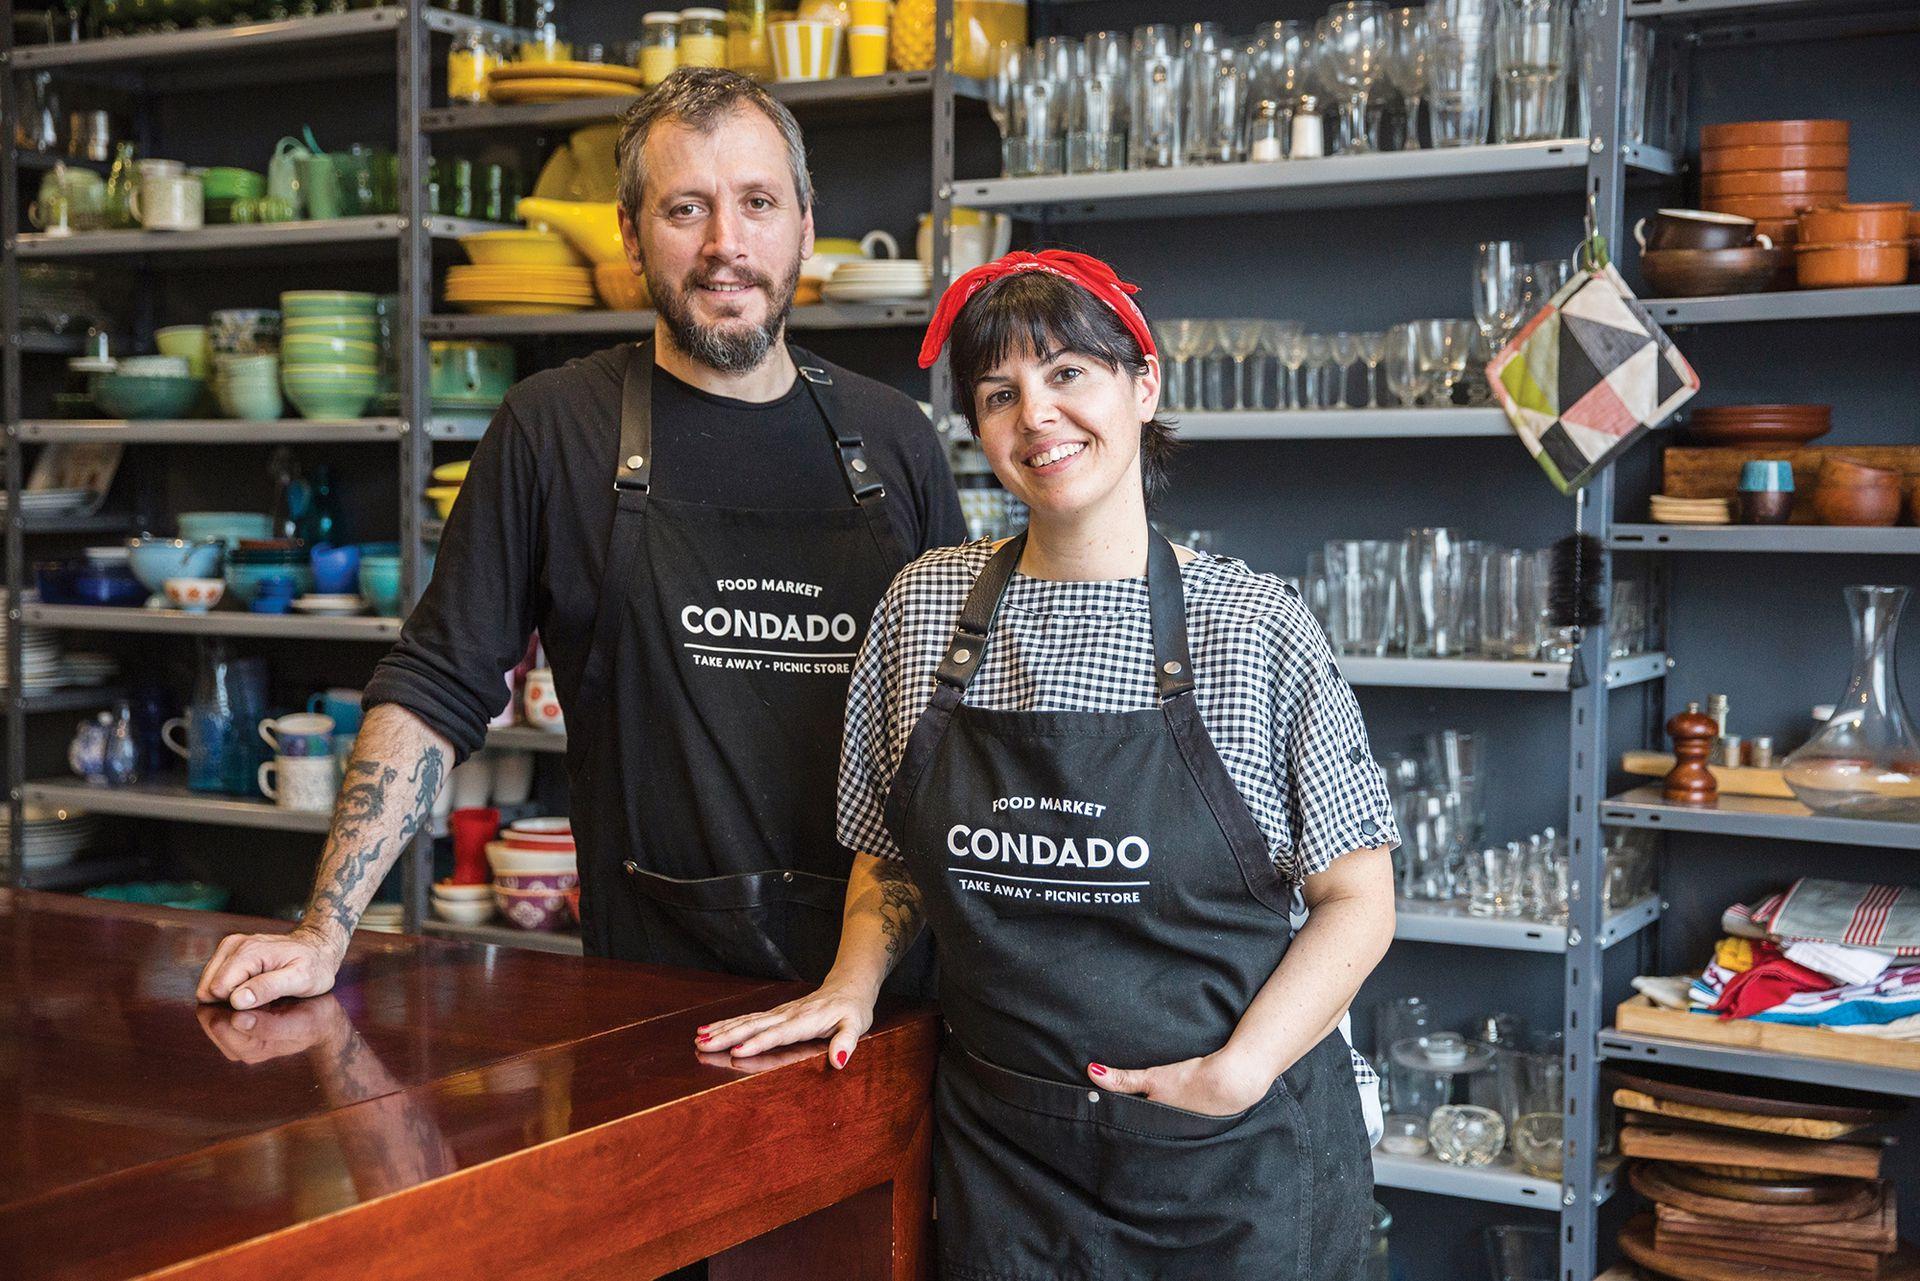 Juan de Francesco y Mariana Santos posan en el sector de arriba de la tienda, en el que tienen vajilla de utilería y una gran mesa para eventos.